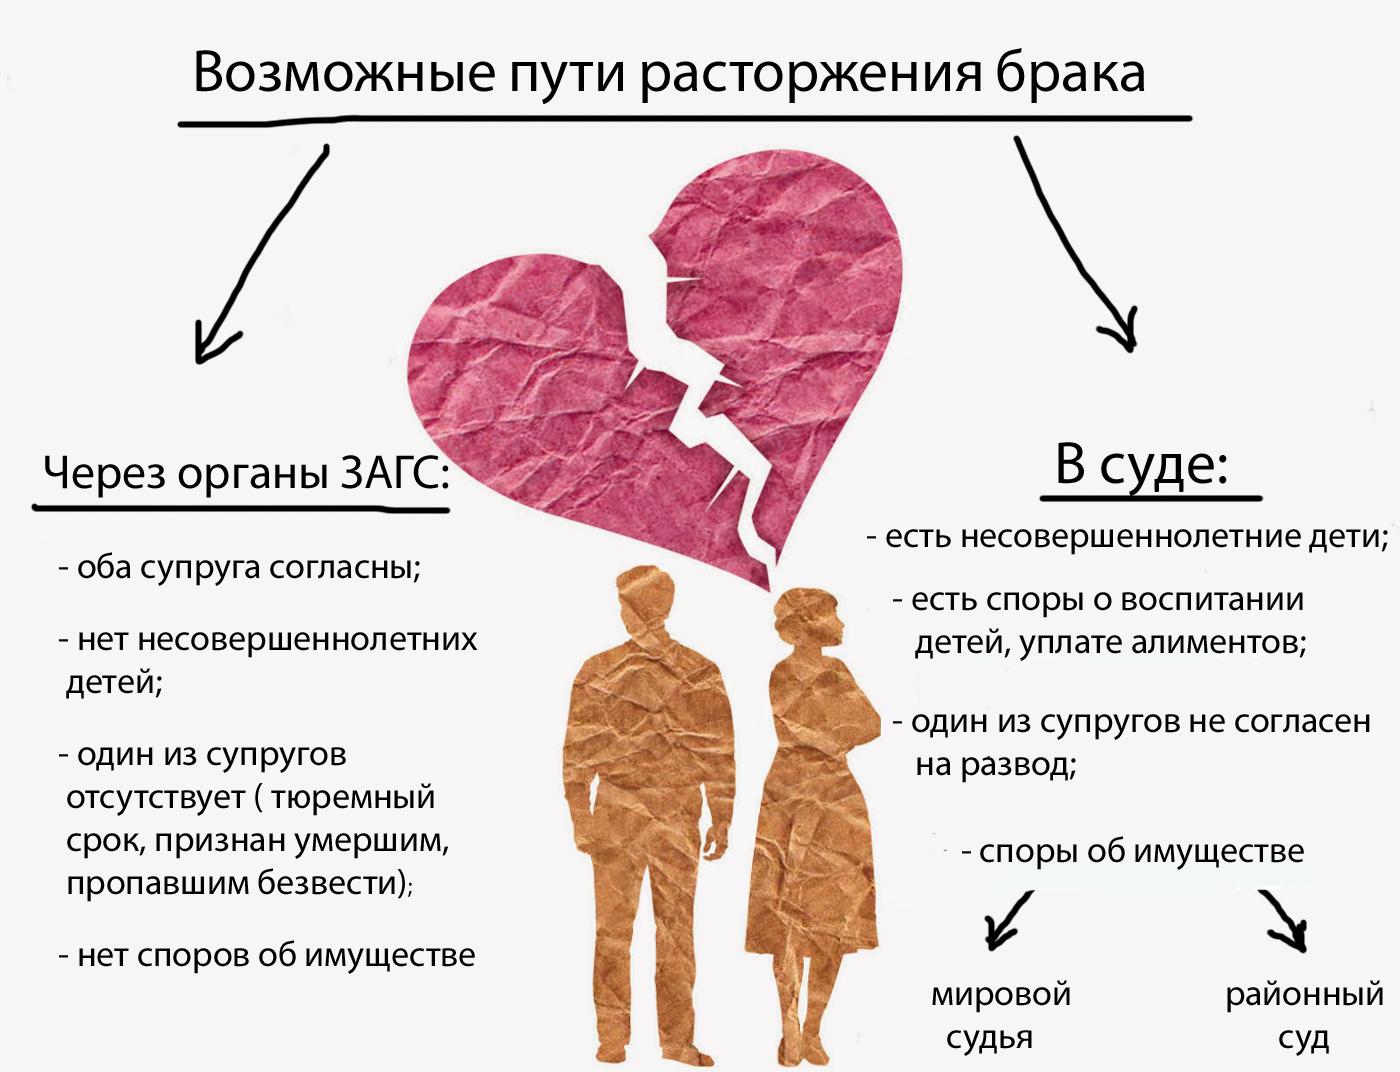 Пути расторжения брака